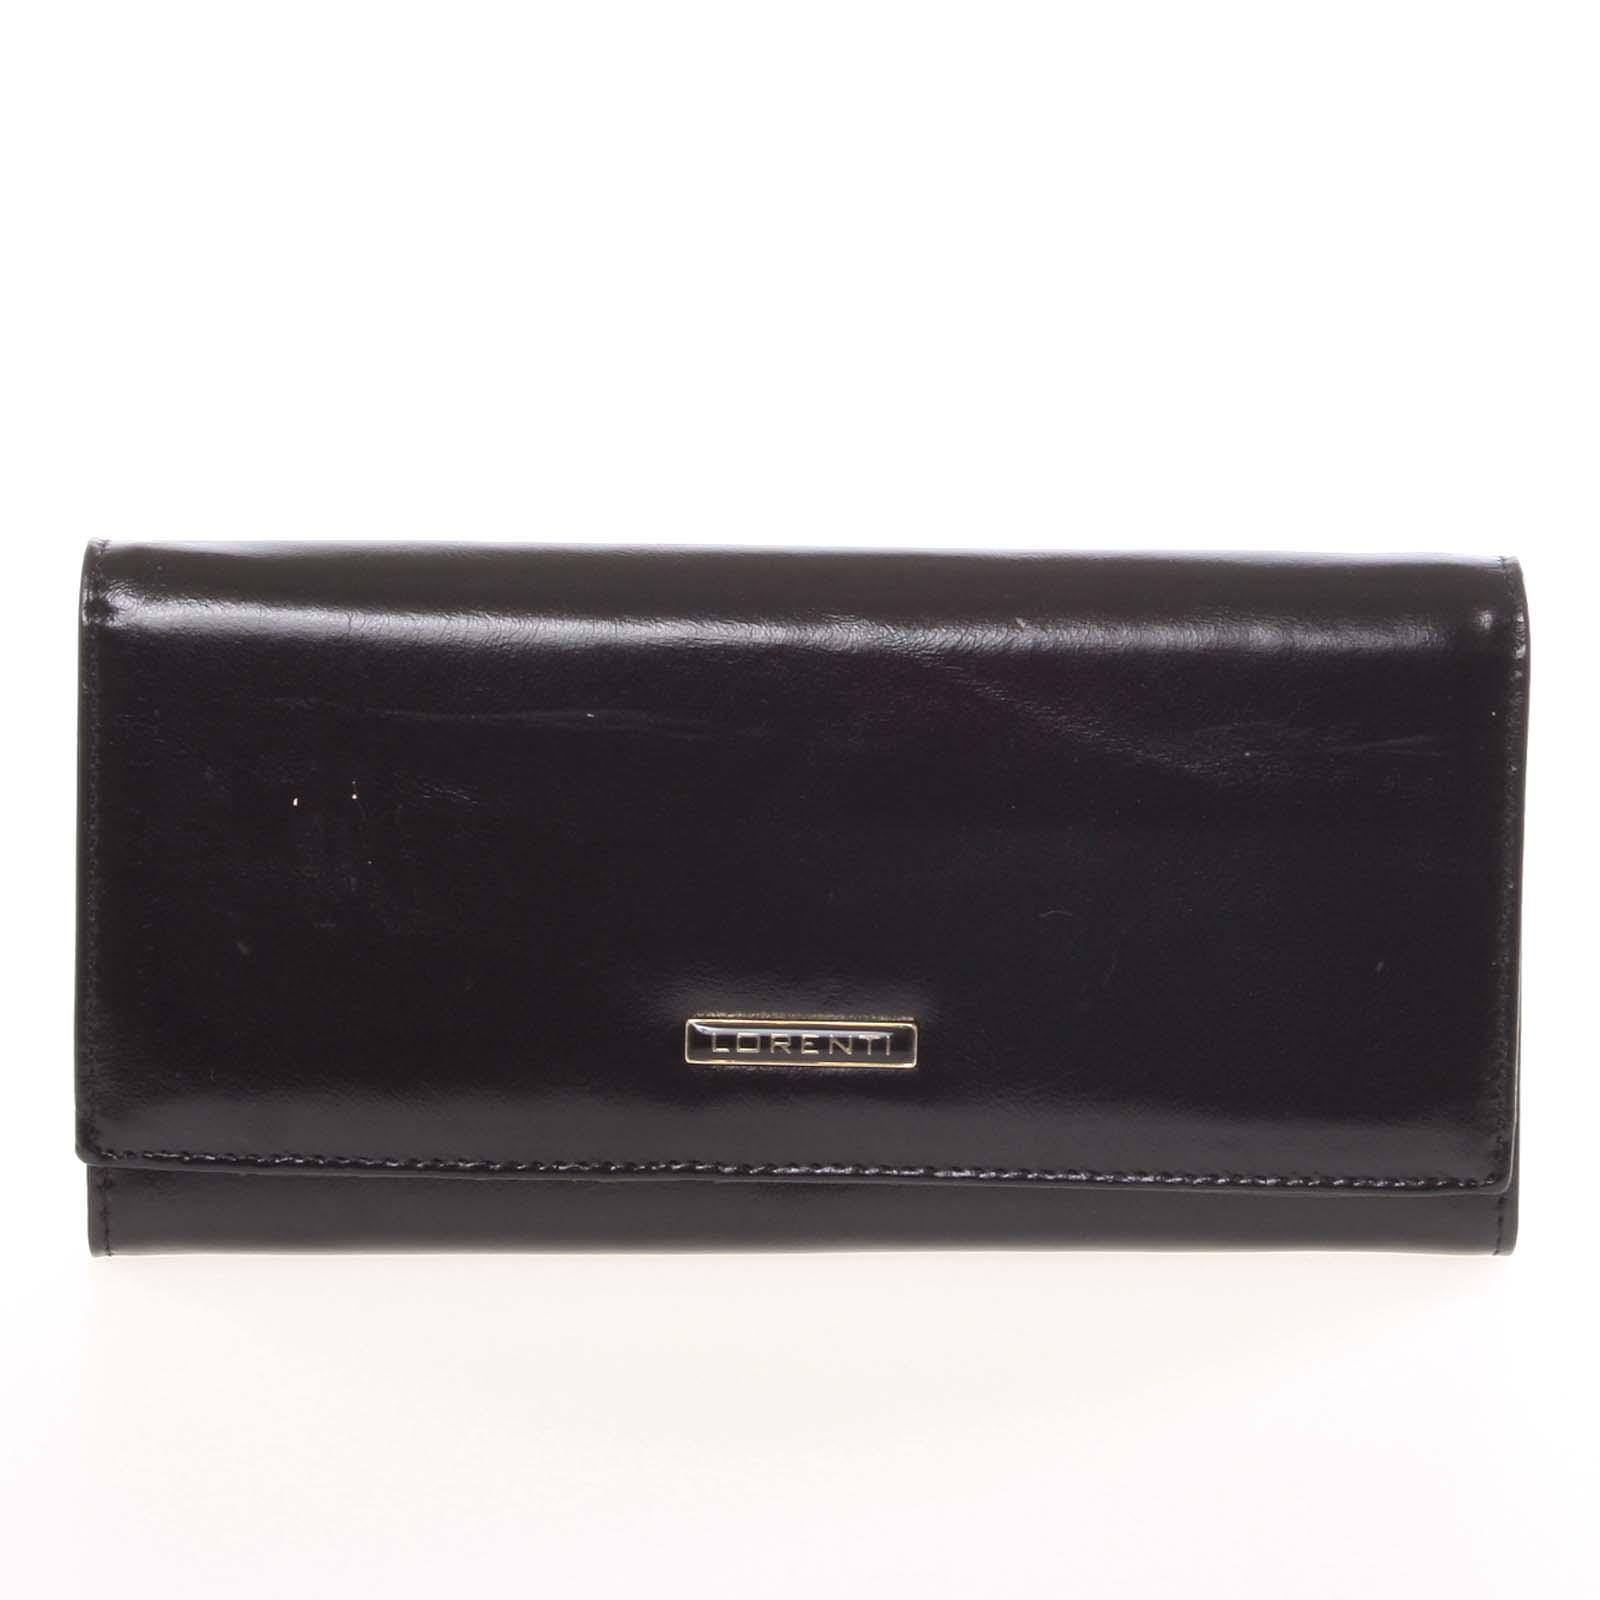 Luxusná hladká kožená čierna peňaženka - Lorenti 2401N